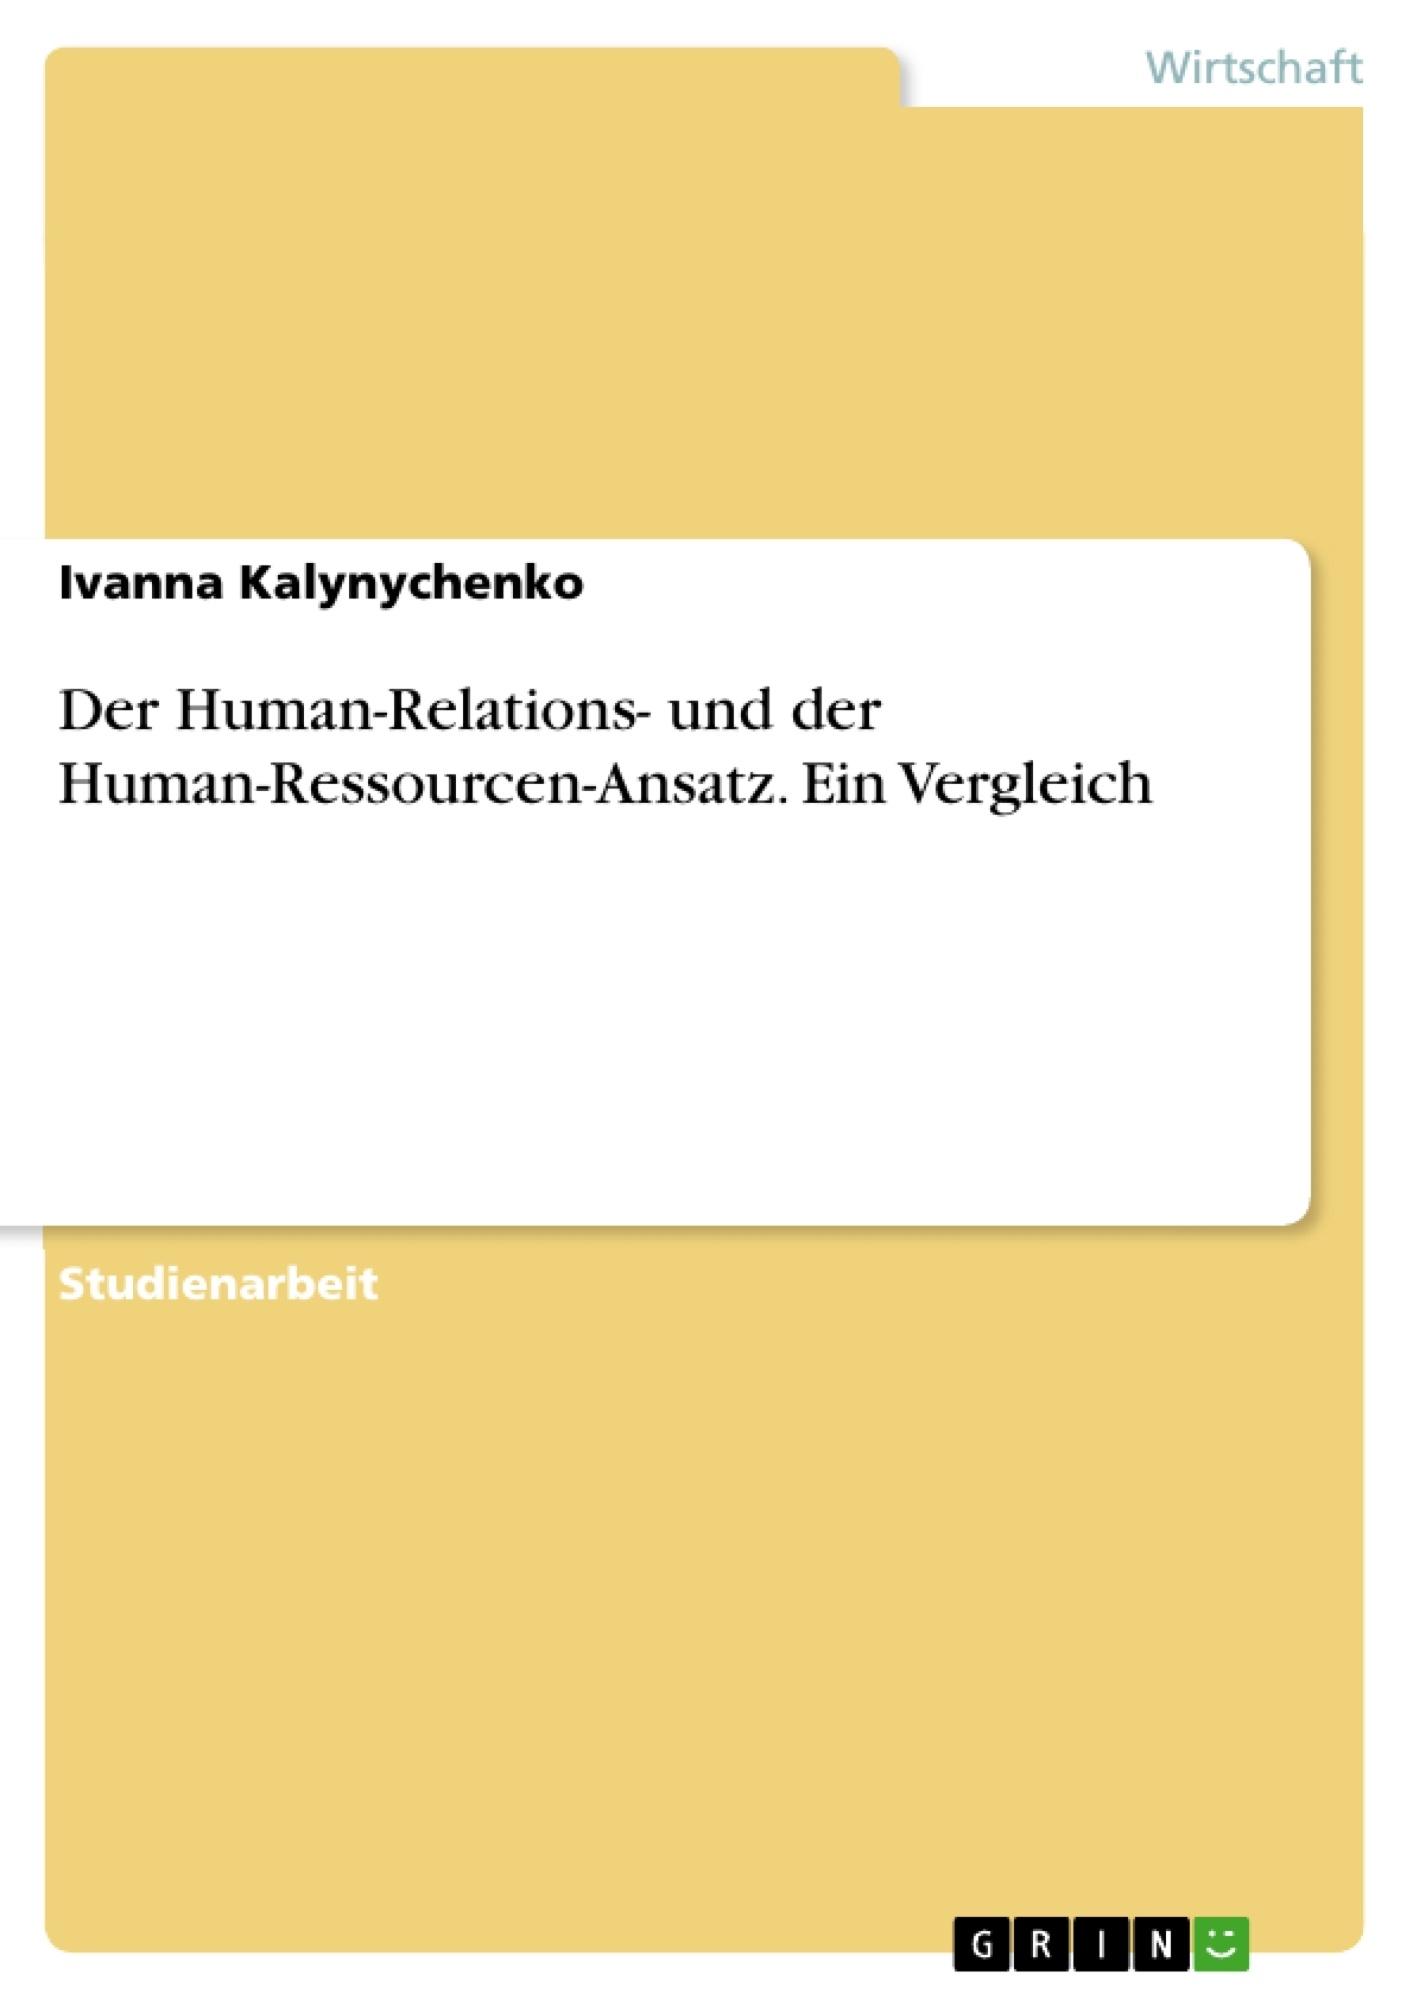 Titel: Der Human-Relations- und der Human-Ressourcen-Ansatz. Ein Vergleich